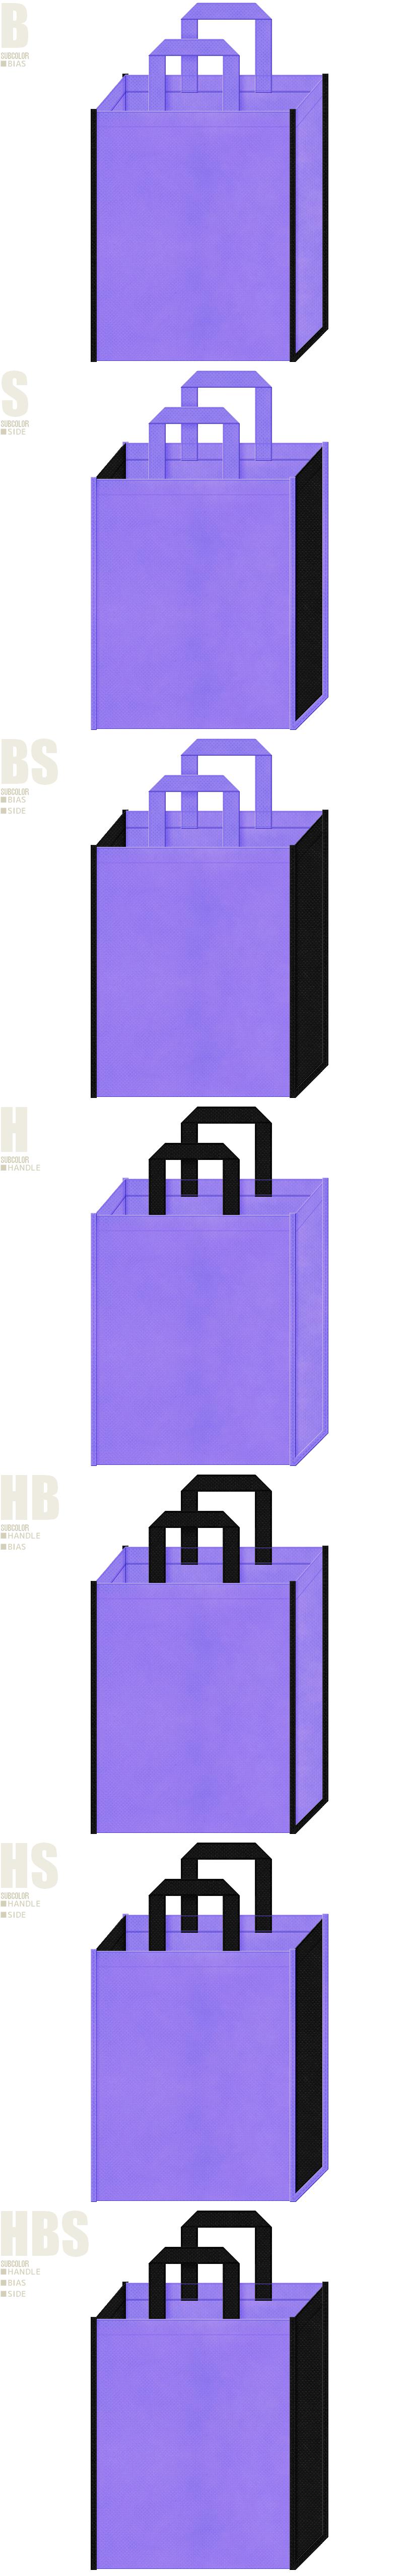 薄紫色と黒色の配色7パターン:不織布トートバッグのデザイン。コスプレウィッグ・コスプレ衣装のショッピングバッグにお奨めの配色です。